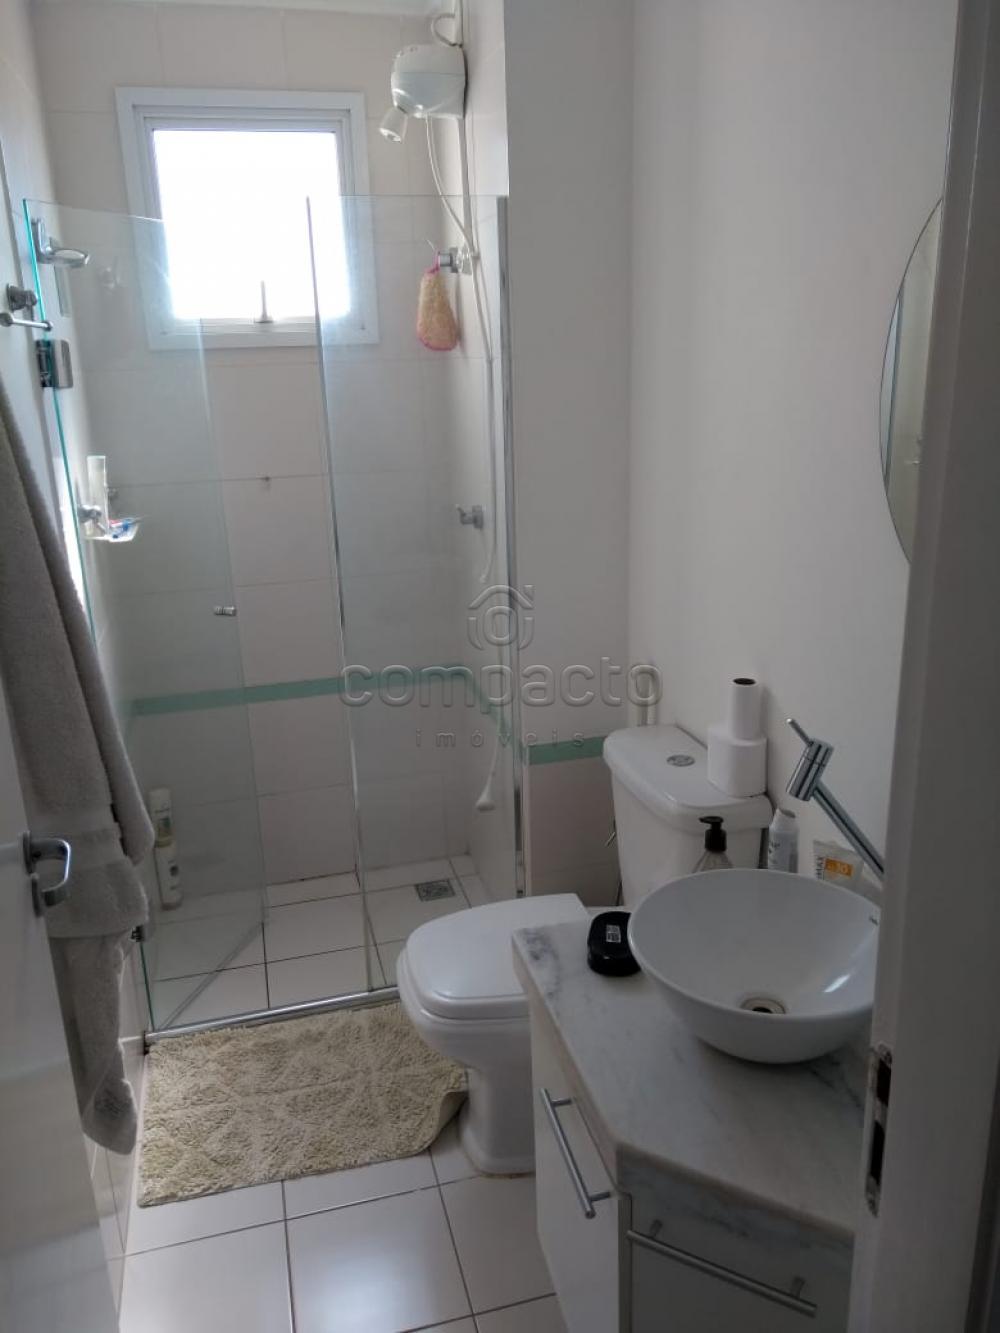 Comprar Apartamento / Padrão em São José do Rio Preto apenas R$ 450.000,00 - Foto 9